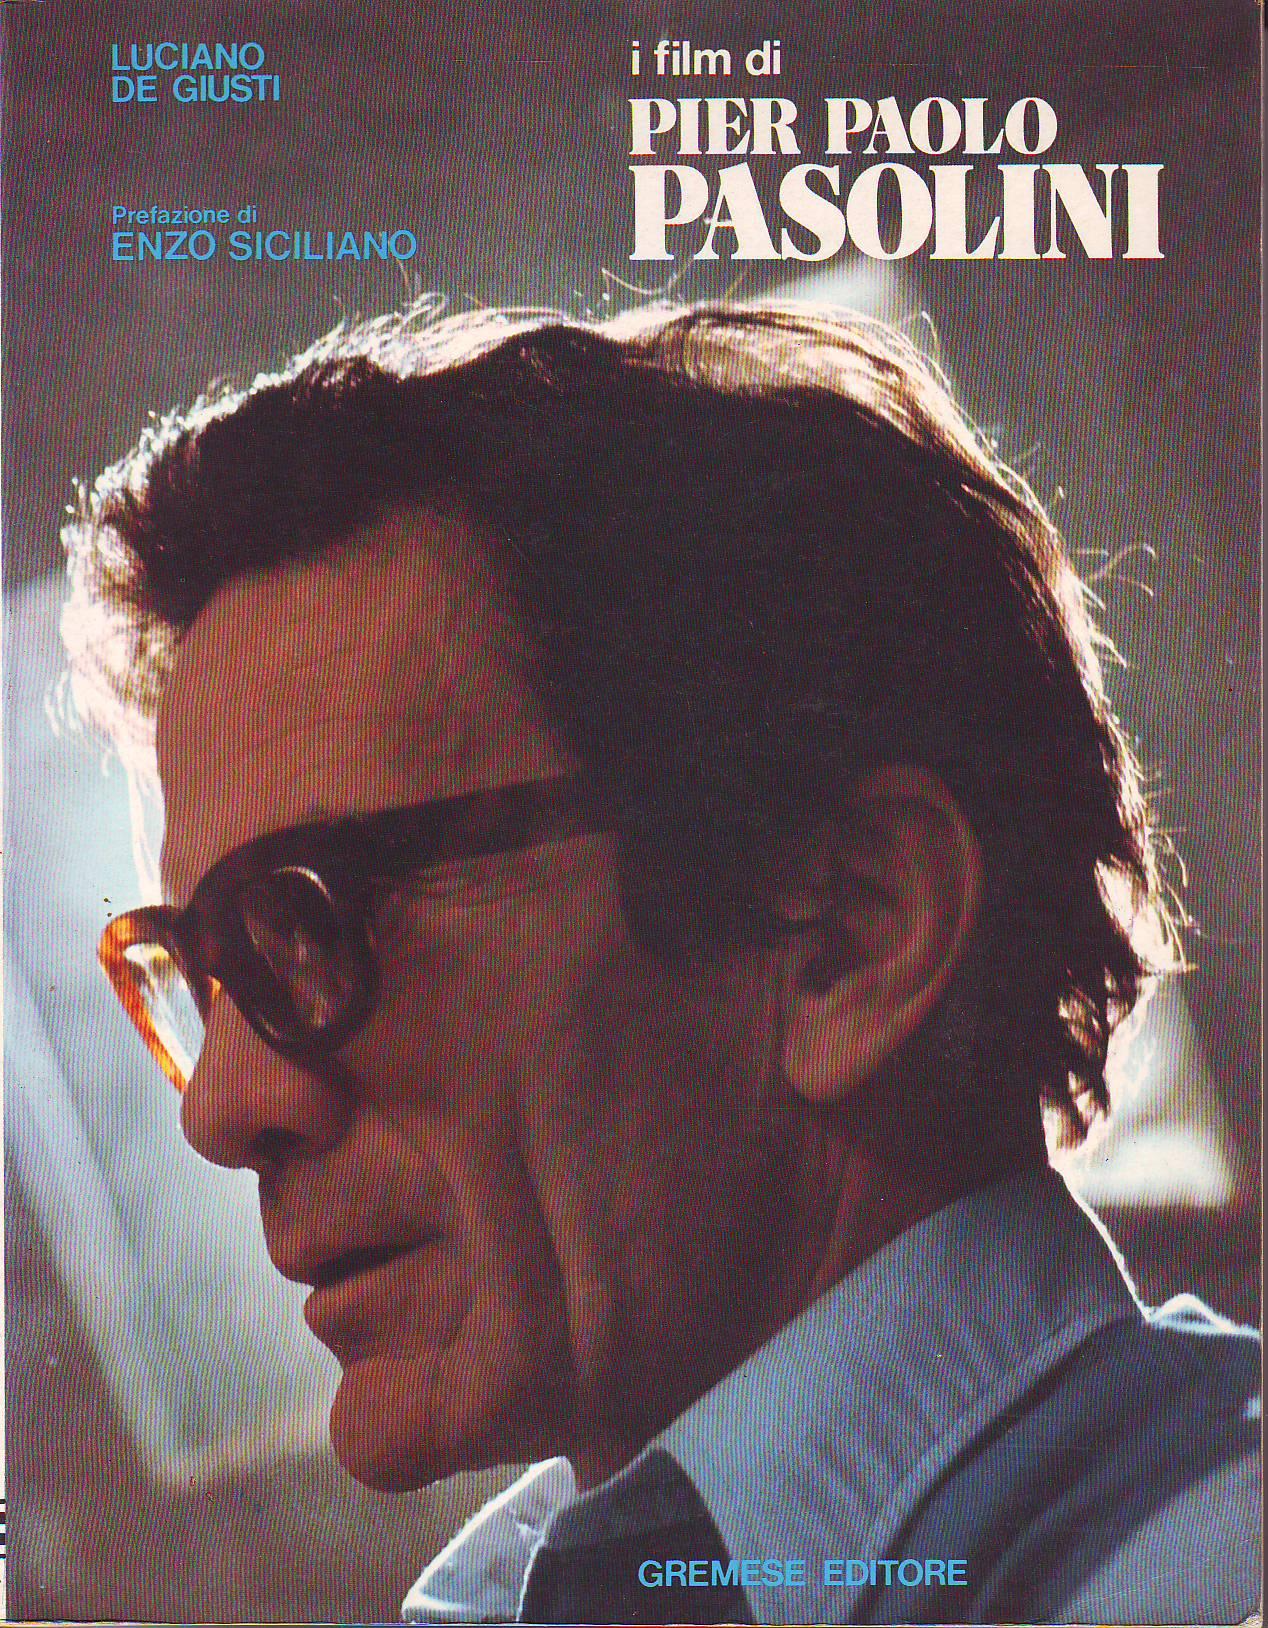 I film di Pier Paolo Pasolini